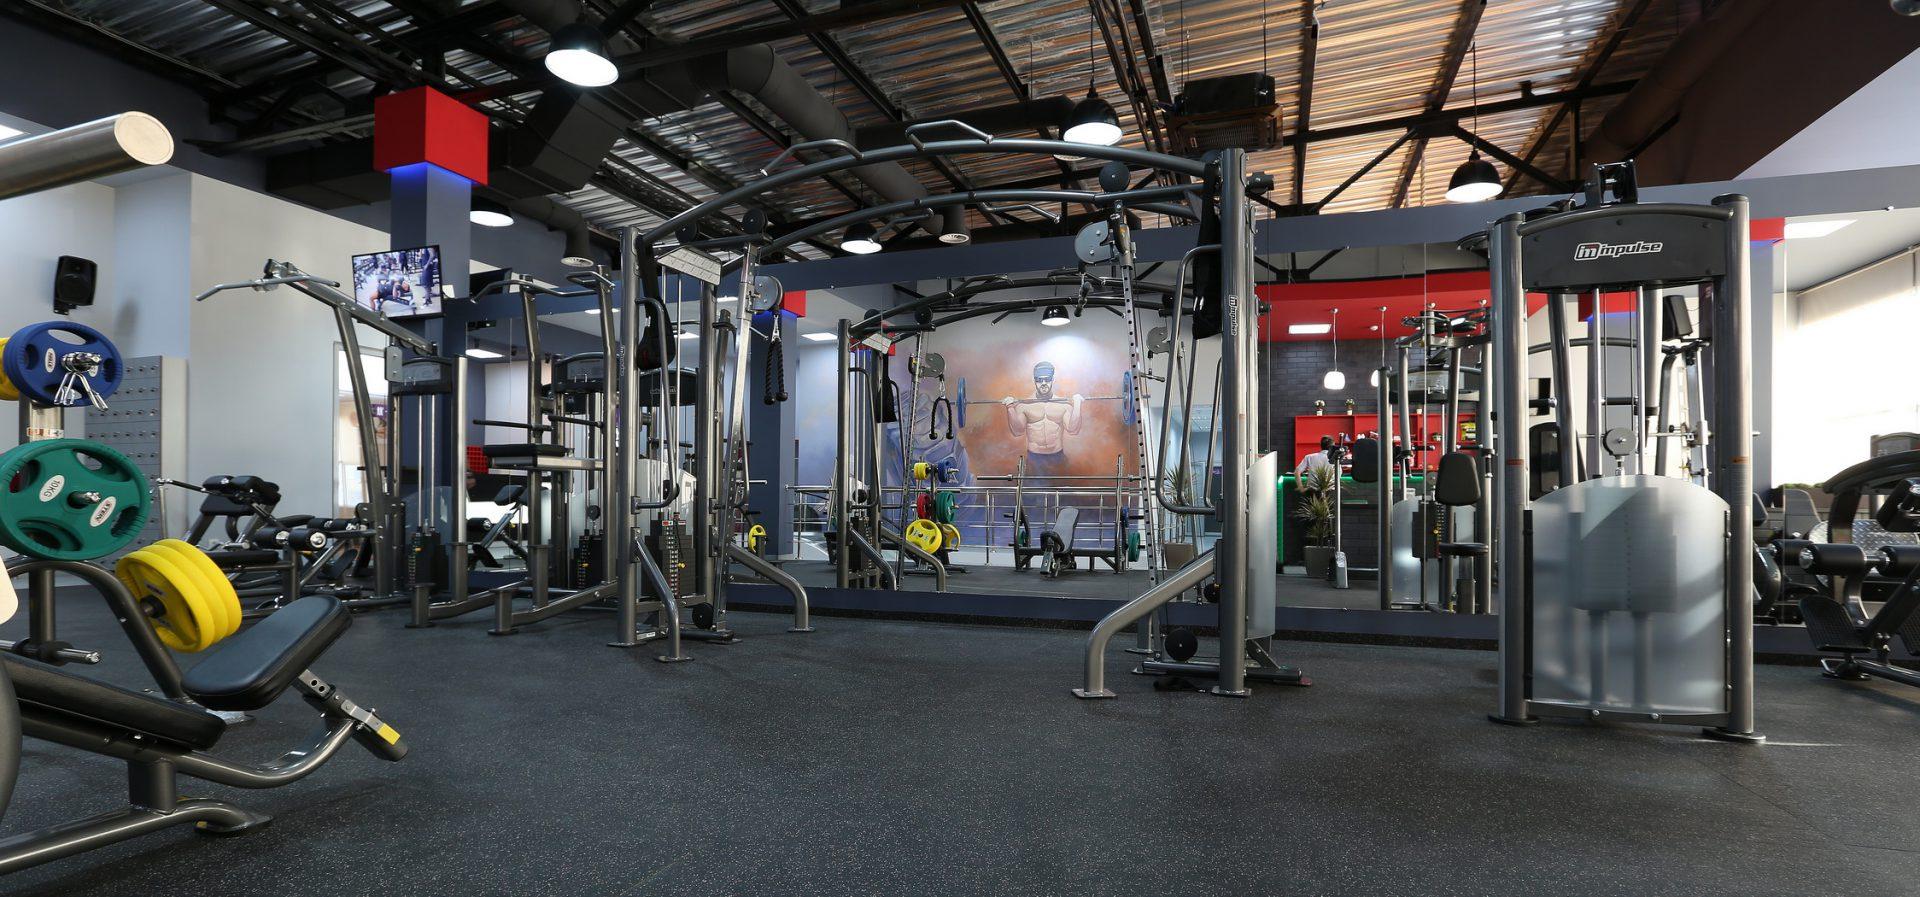 Тренажерный и фитнес залы